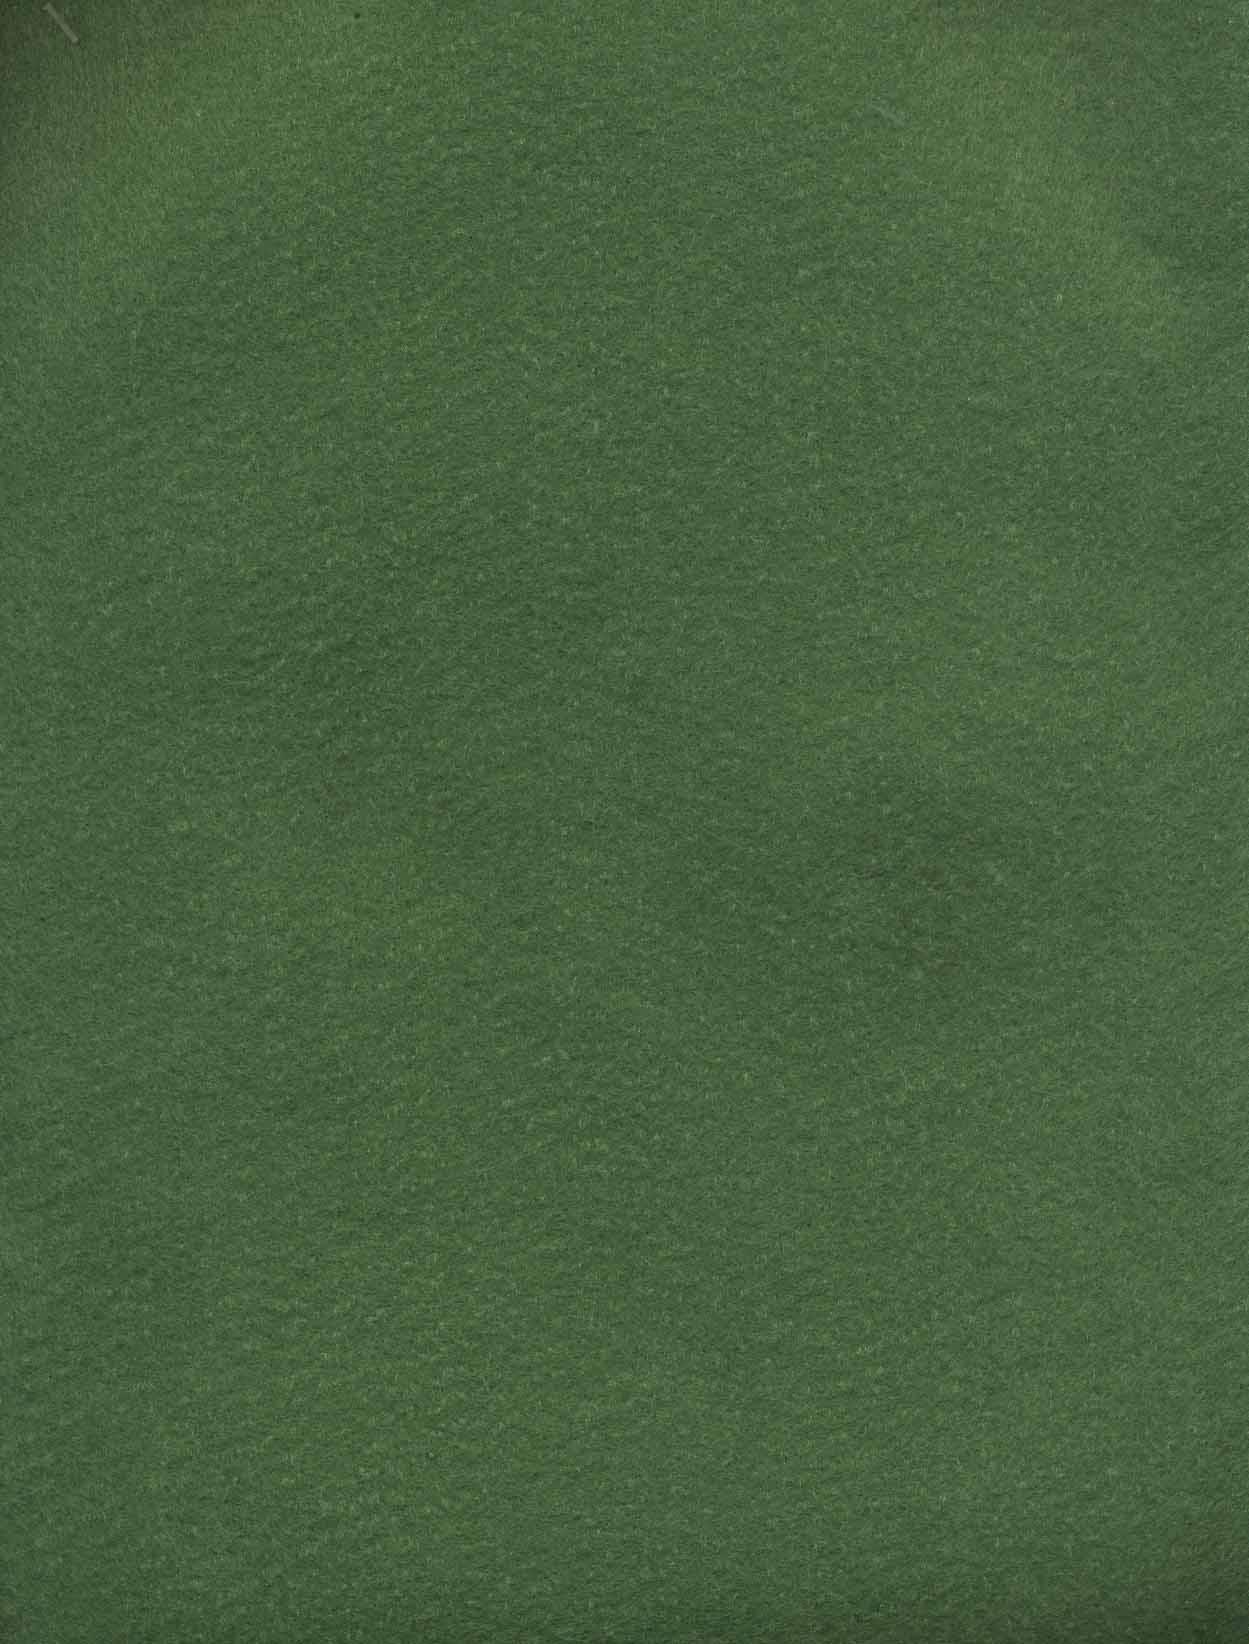 کیف پارچه ای کوچک 27*35 (کد 110)